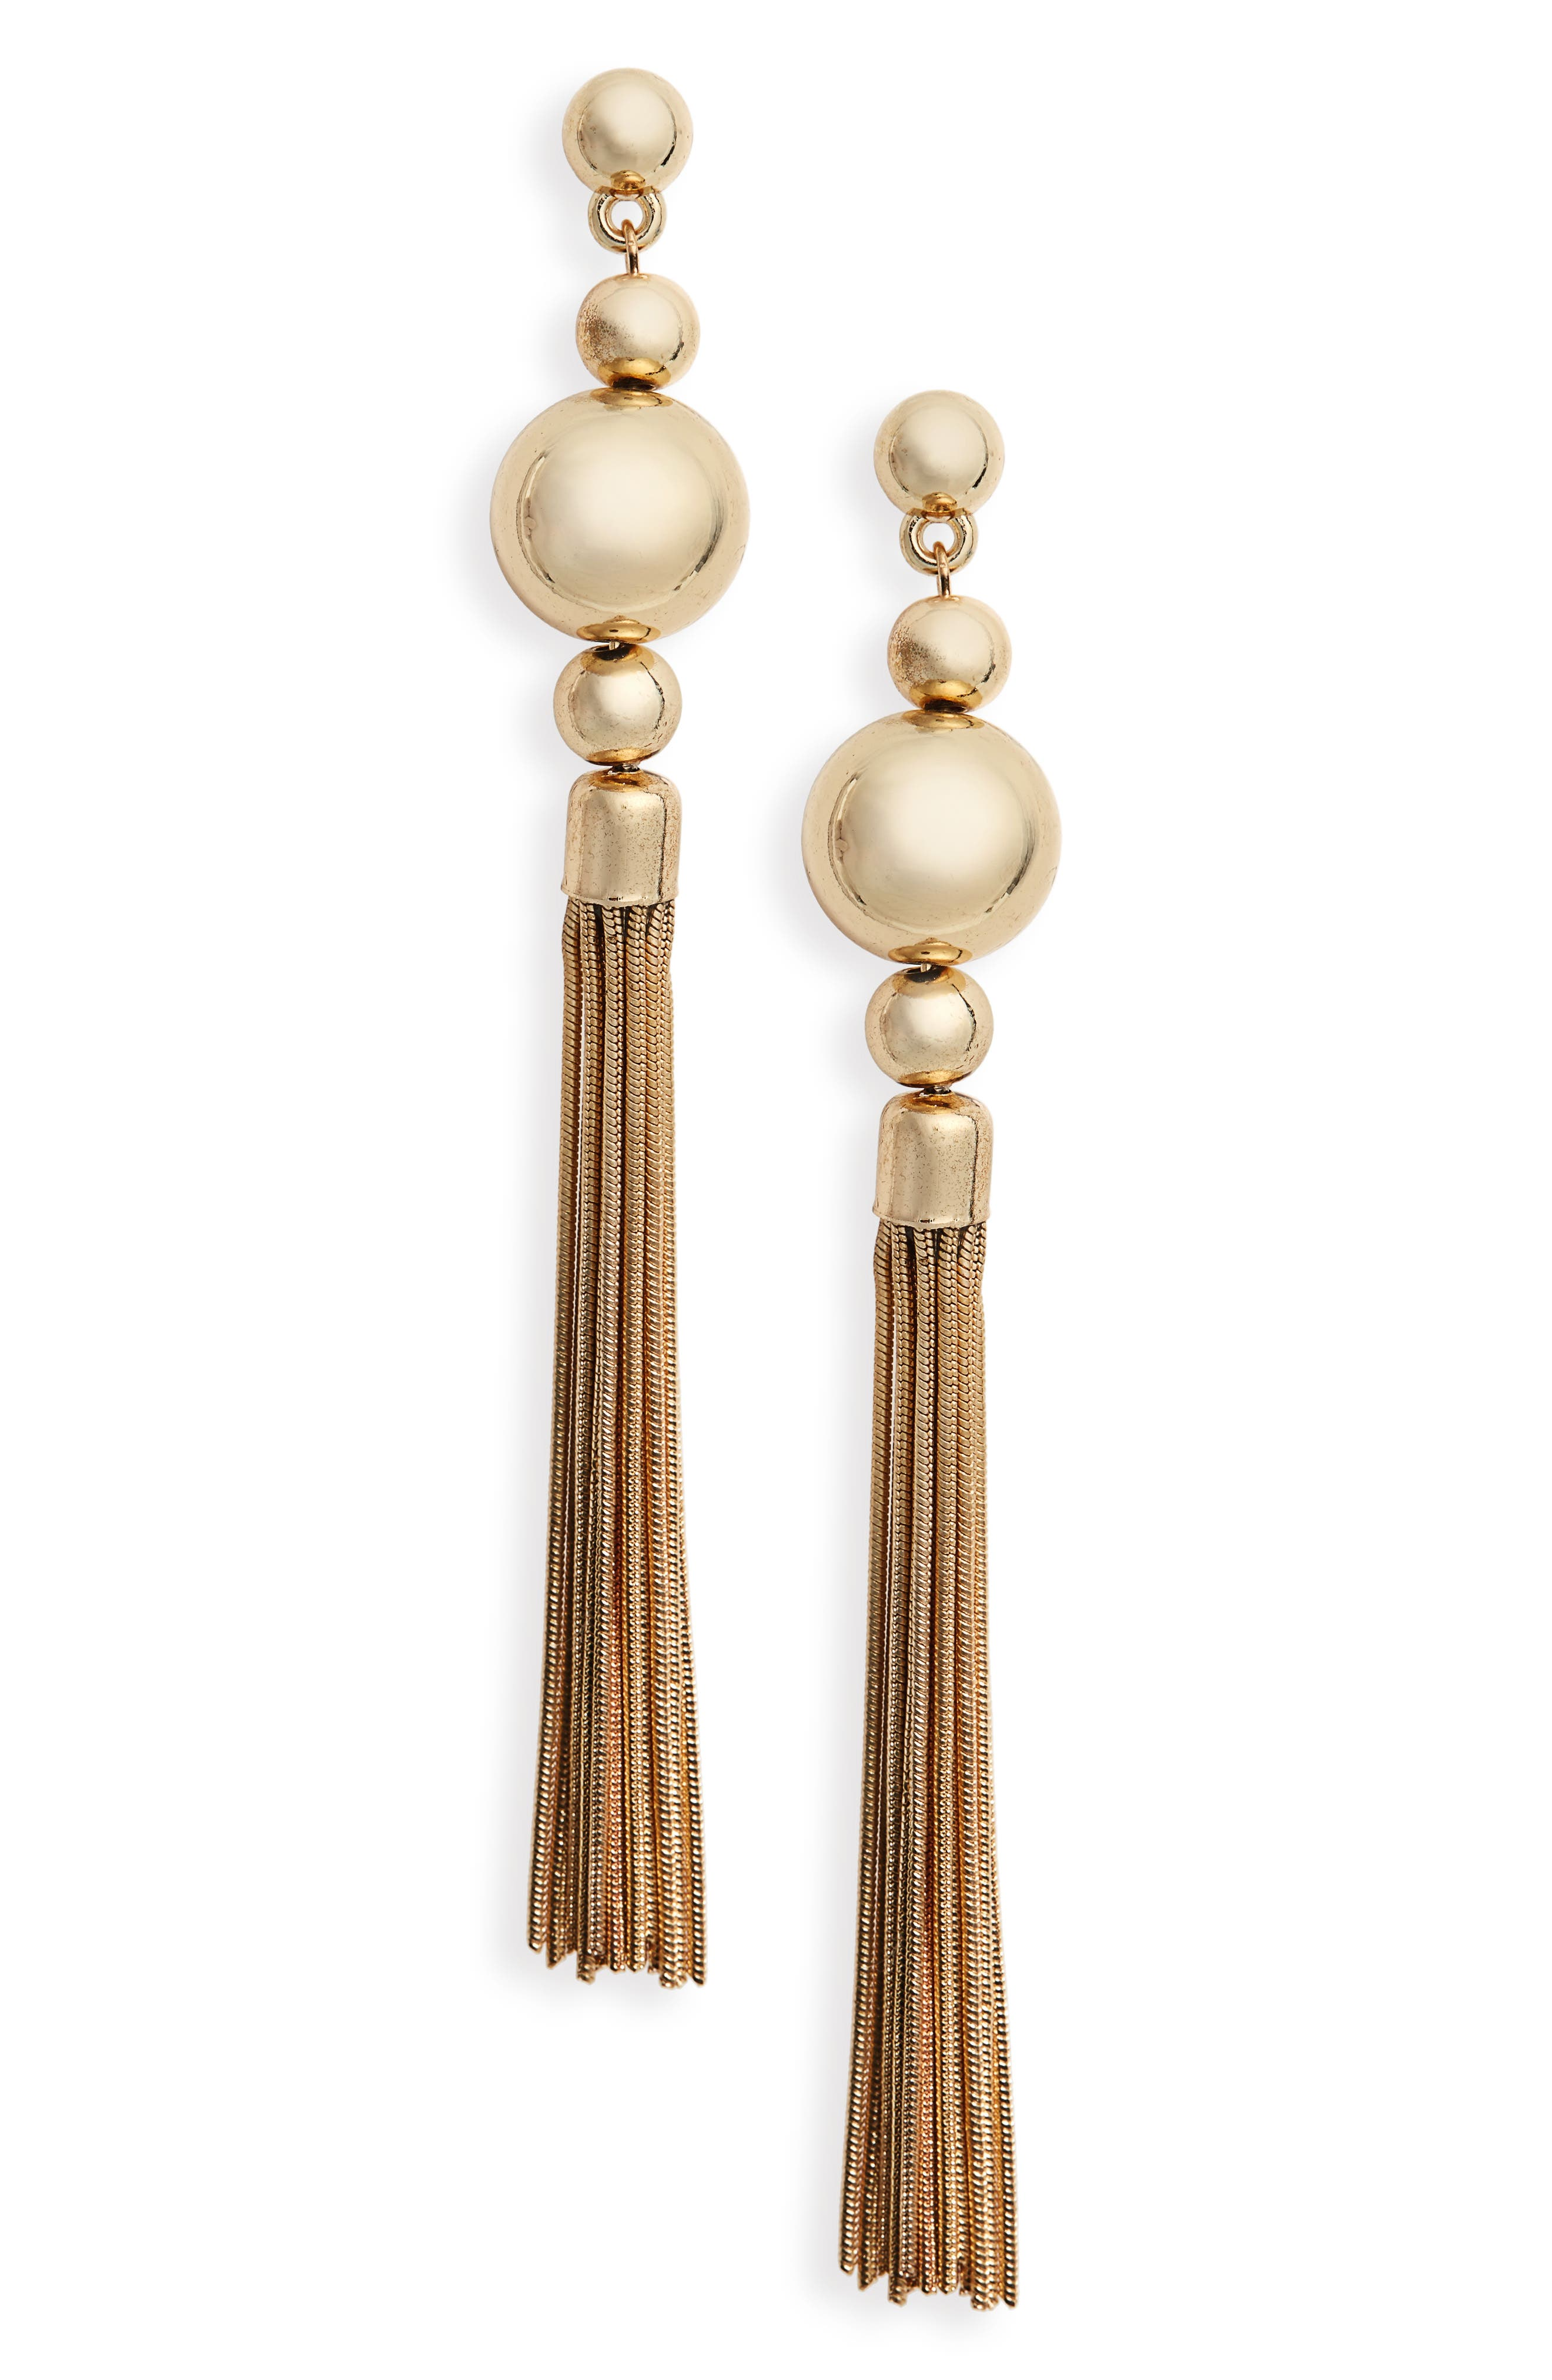 Ball Snake Chain Tassel Earrings,                             Main thumbnail 1, color,                             710